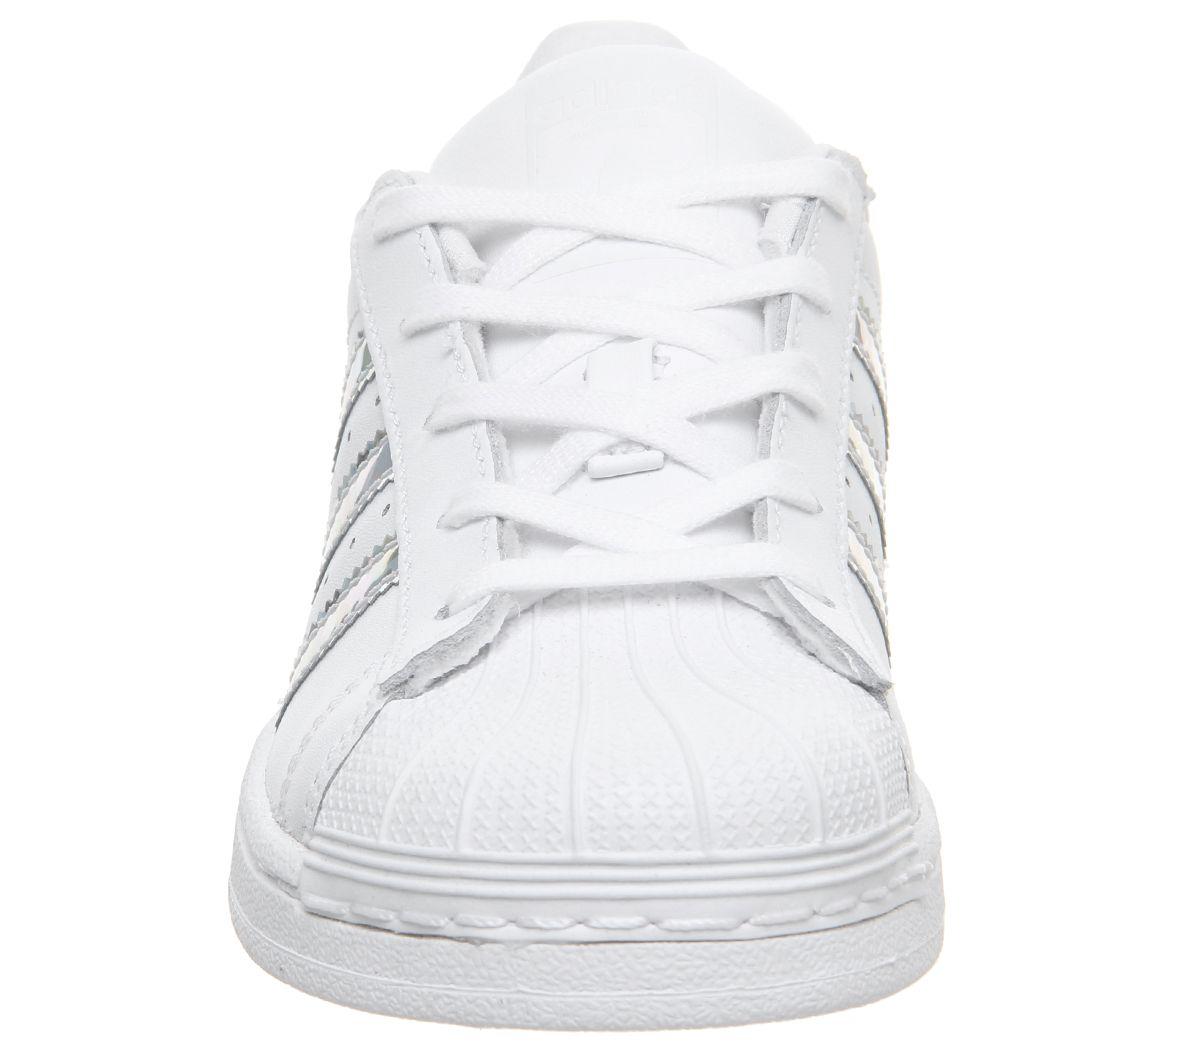 Dettagli su Bambini Adidas SUPERSTAR Kids 10 2 Scarpe Da Ginnastica Bambini Bianco Argento Metallizzato mostra il titolo originale